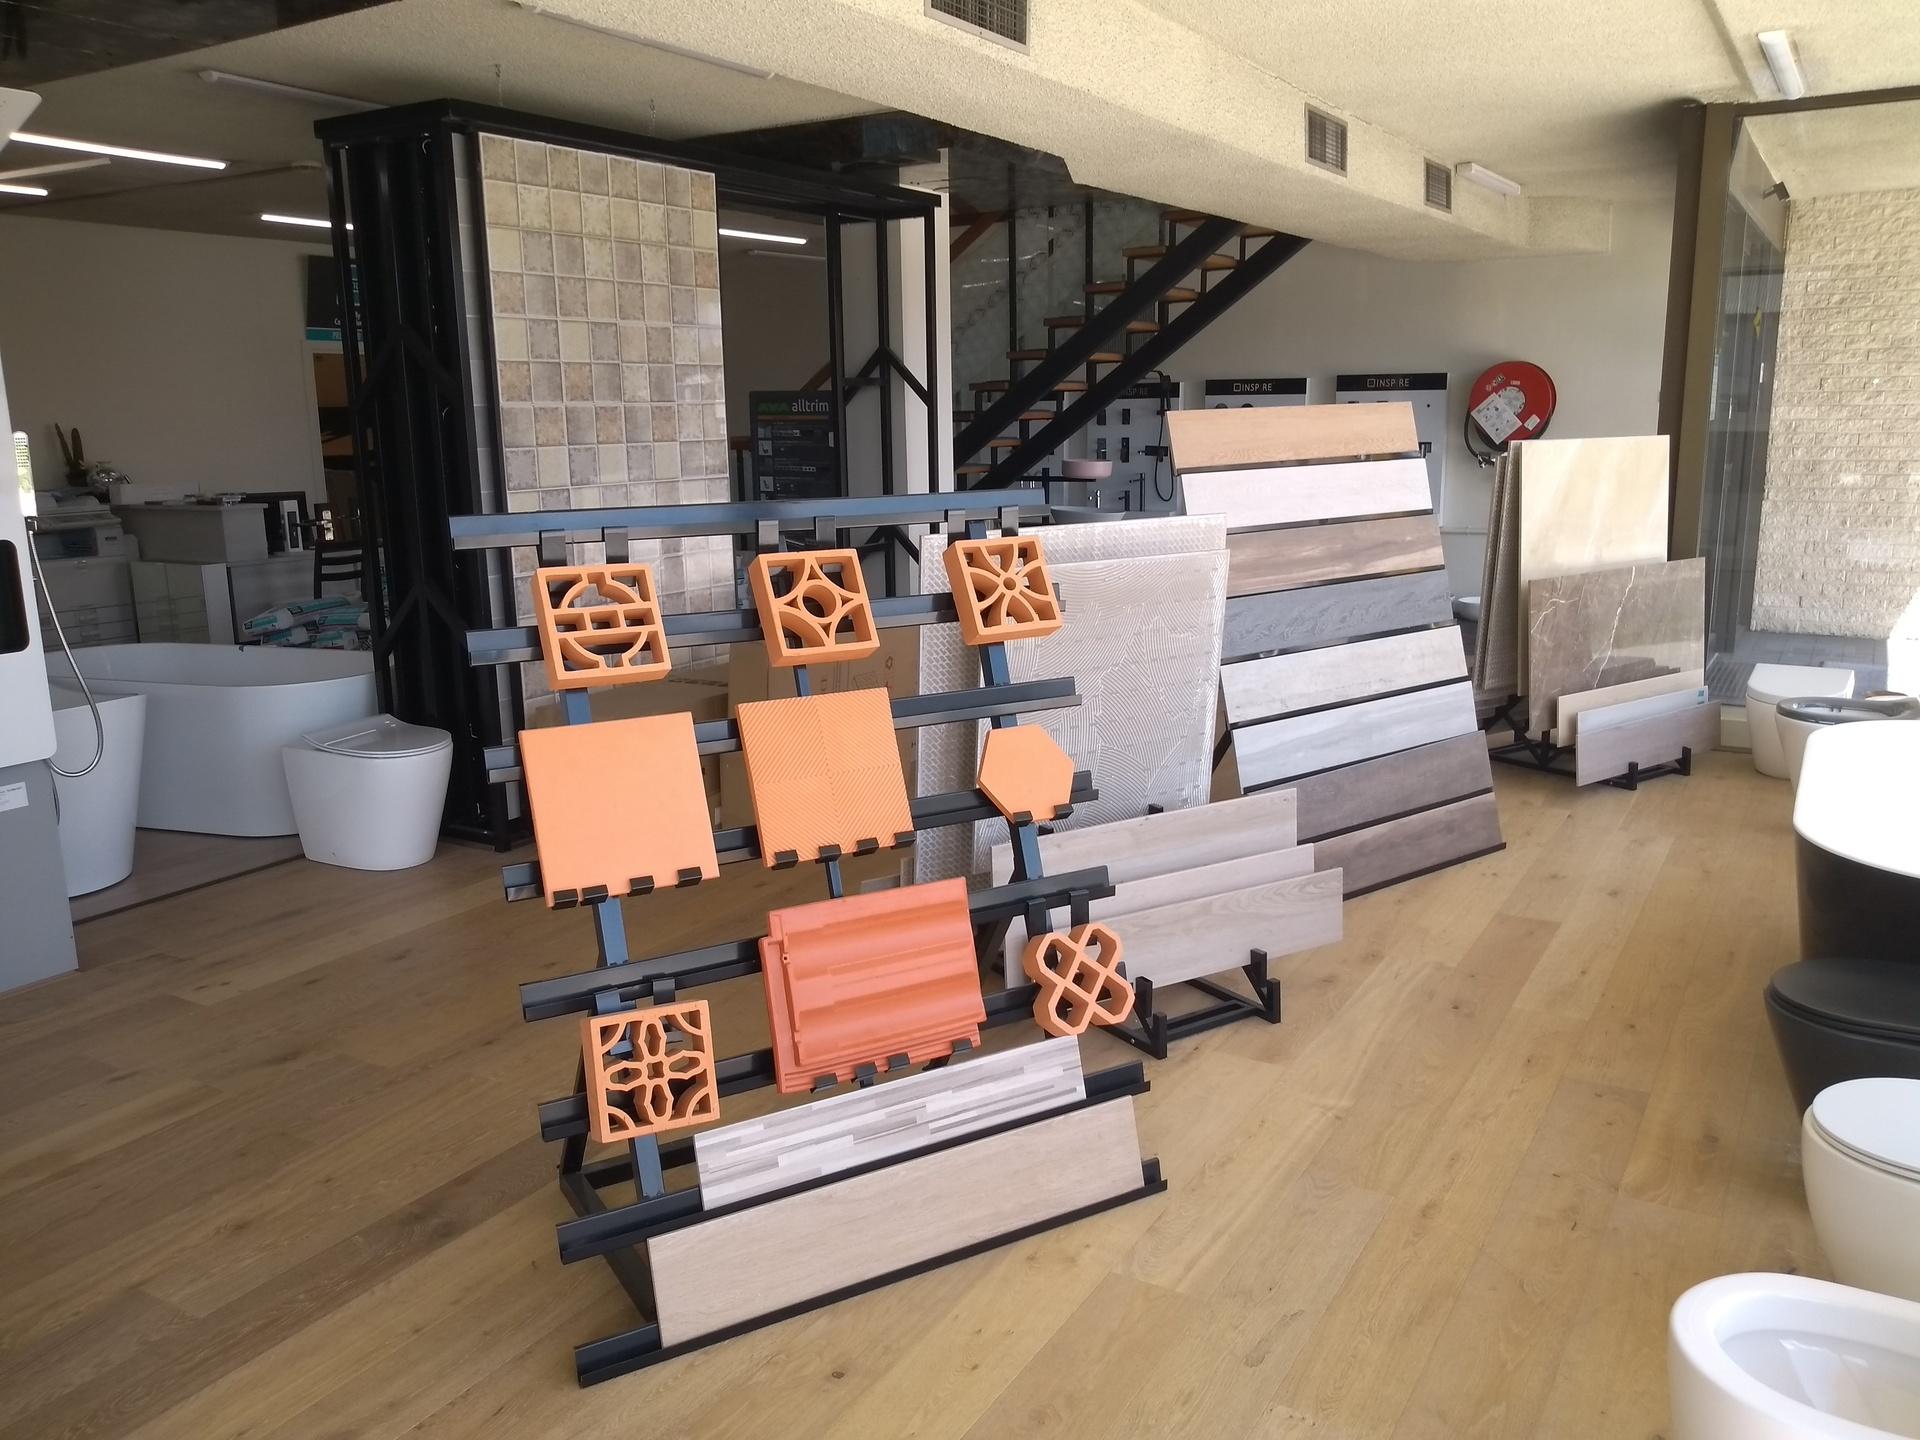 Large Tile and Bathroom Rennovation Showroom